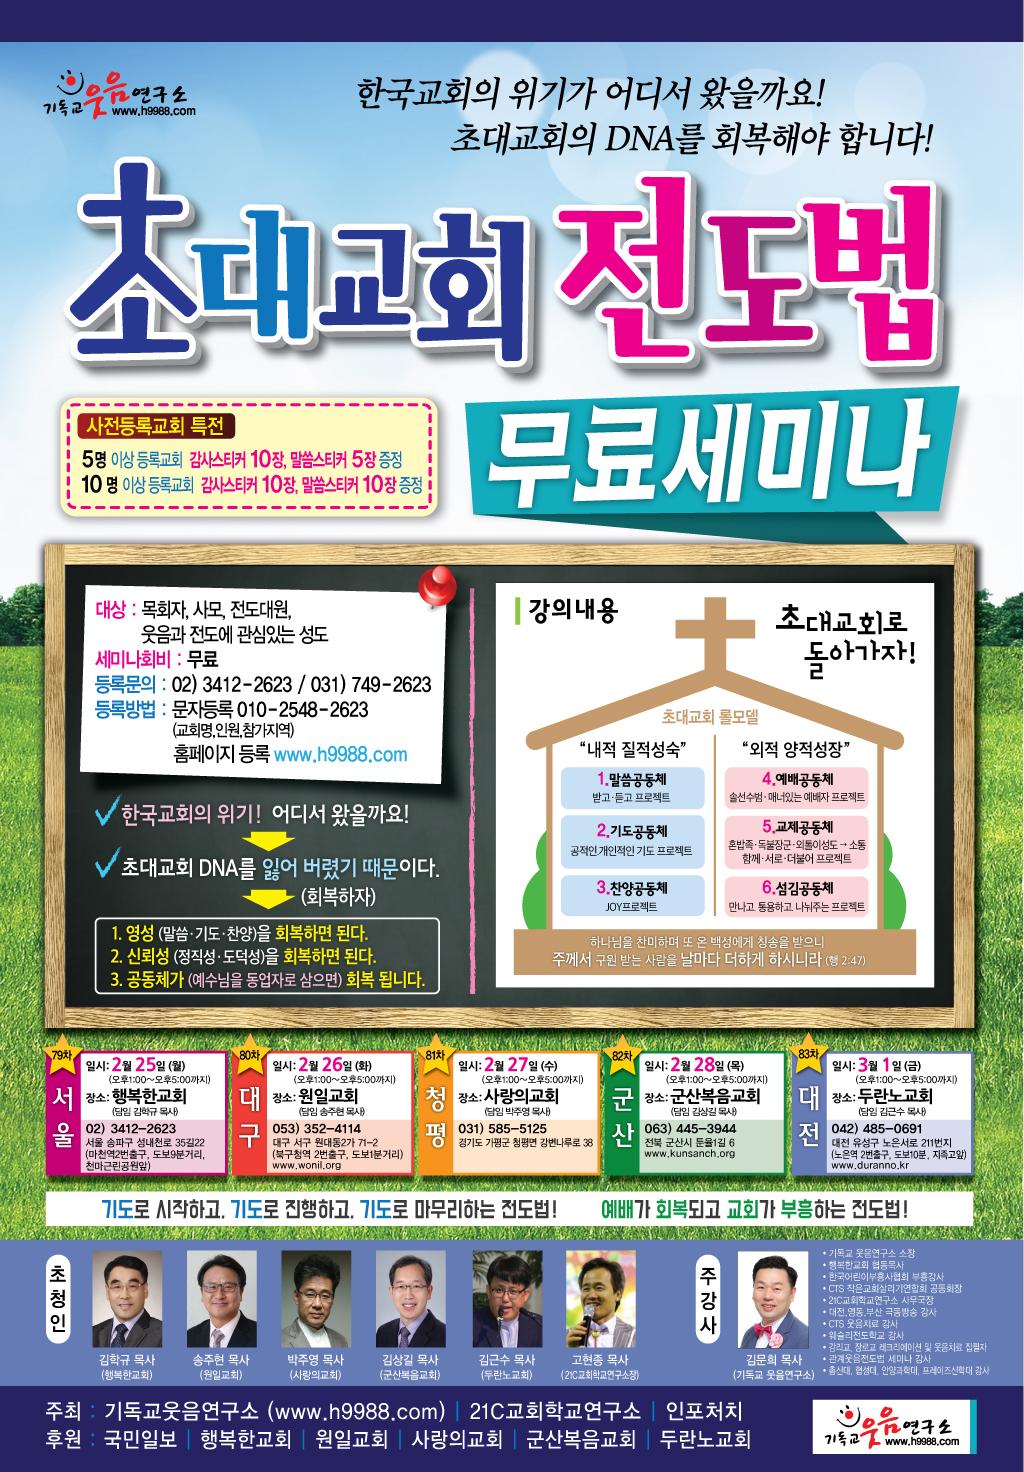 포스터(2019)상반기-국민일보전면.jpg